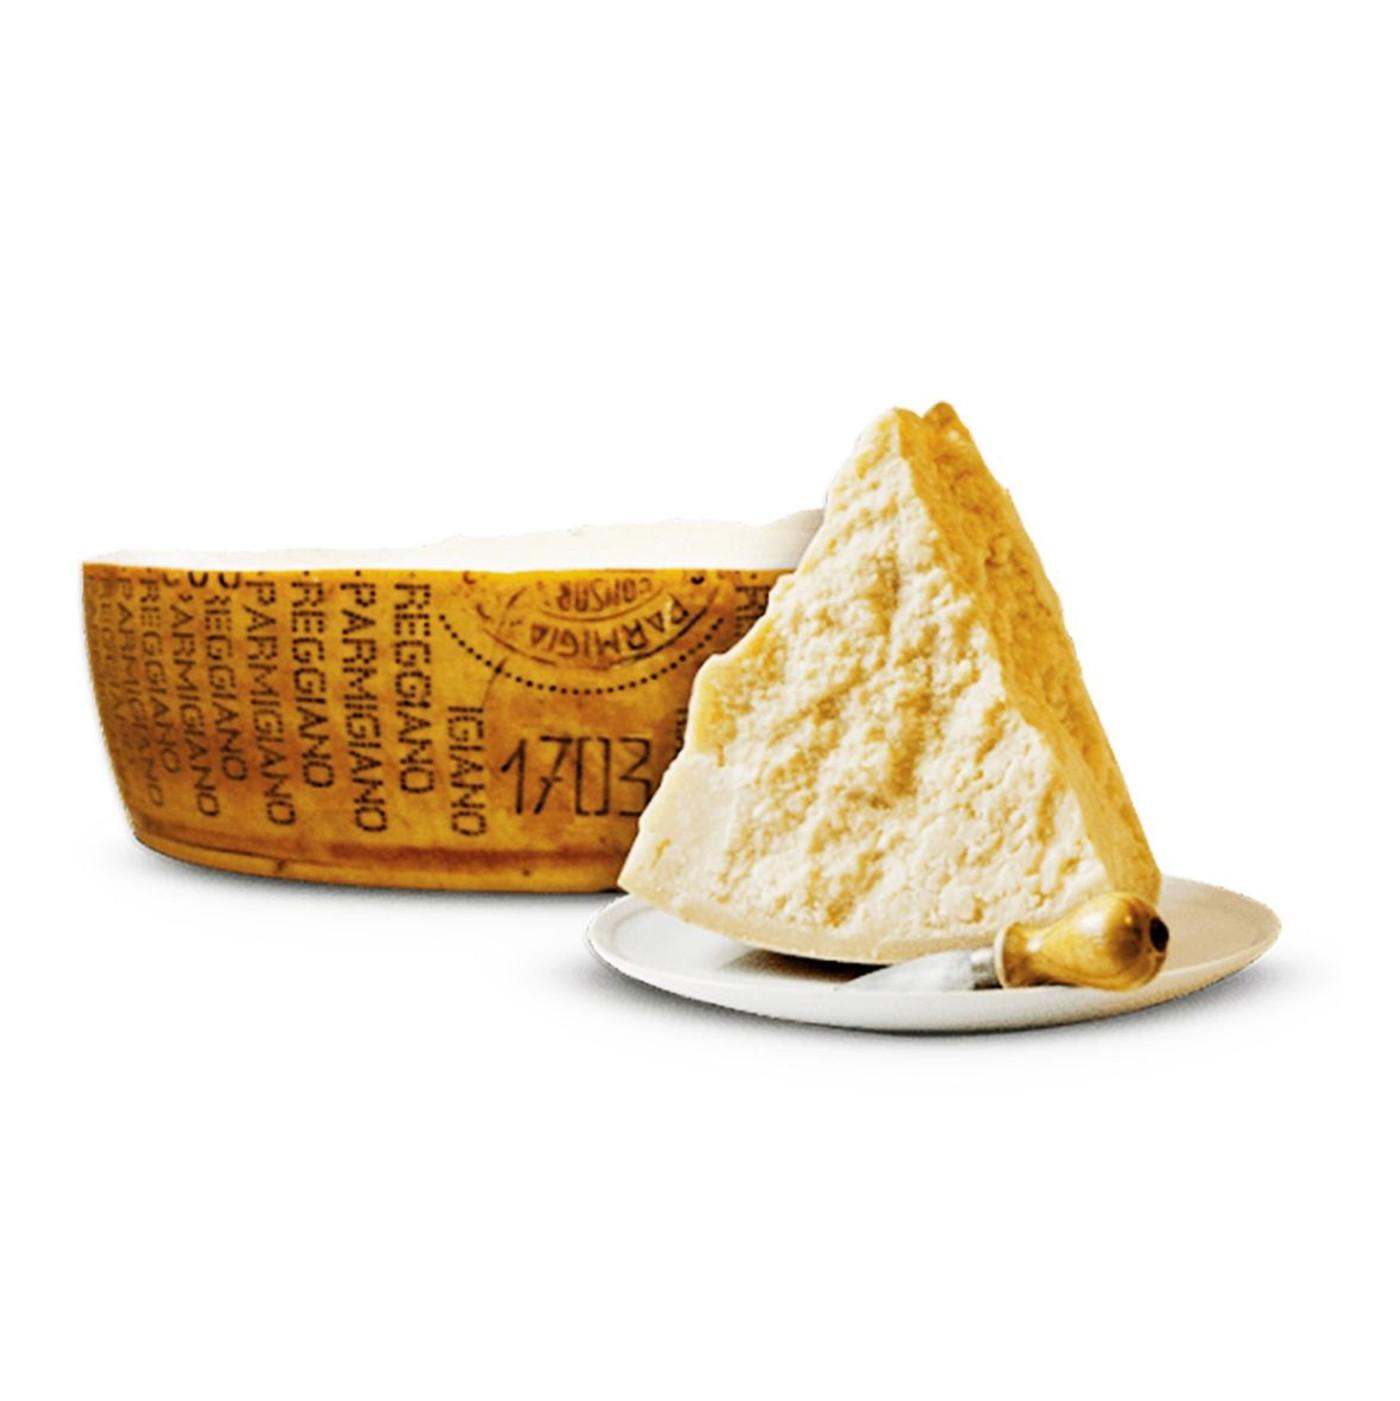 receta de Parmigiano Reggiano 22/23 Meses